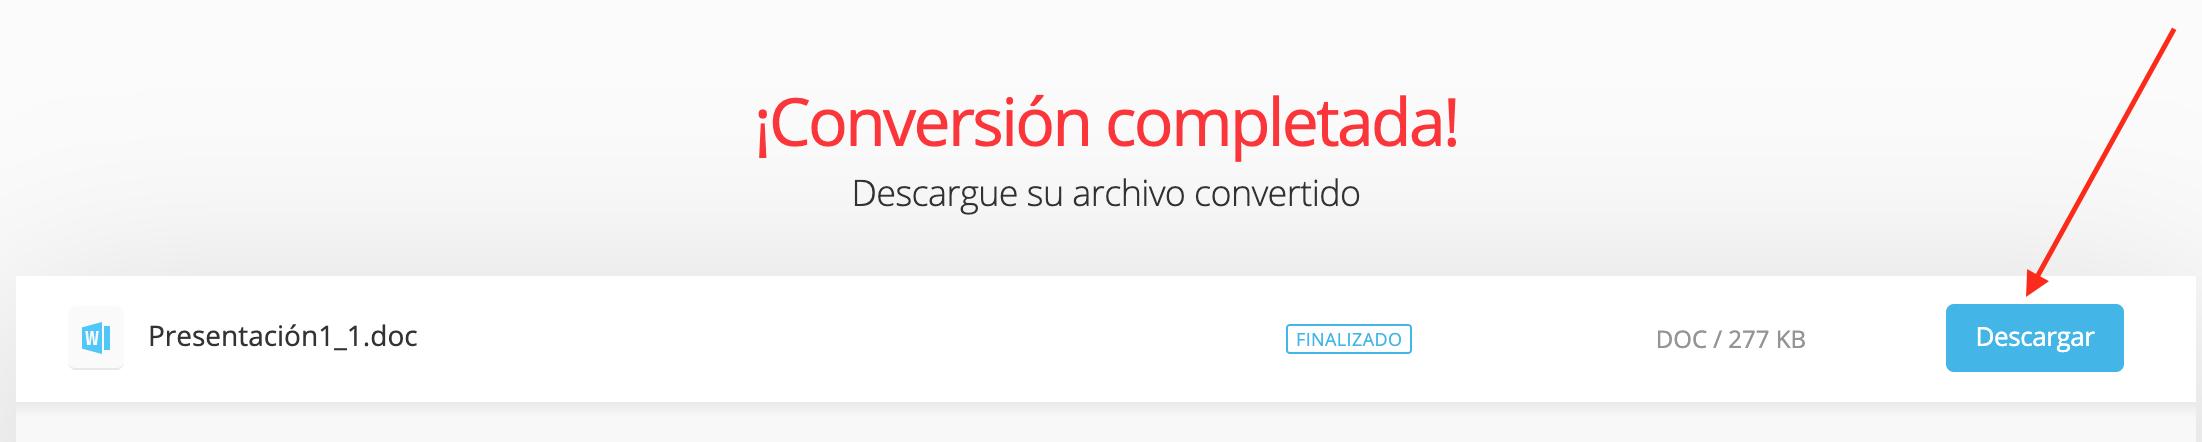 Cómo pasar una presentación a Word: descarga tu archivo convertido